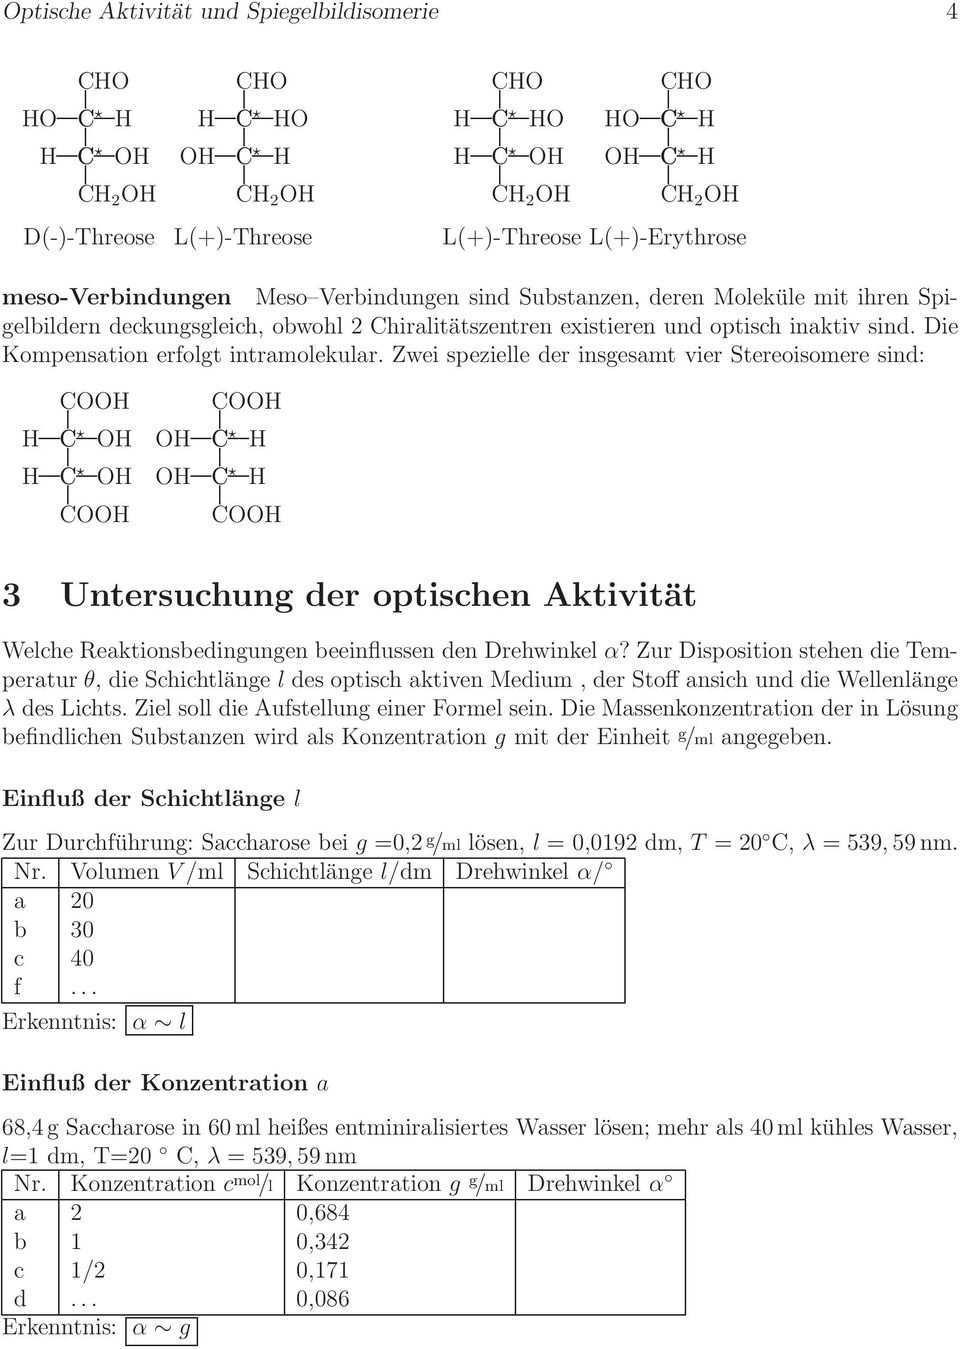 Optische Aktivitat Und Spiegelbildisomerie Pdf Kostenfreier Download